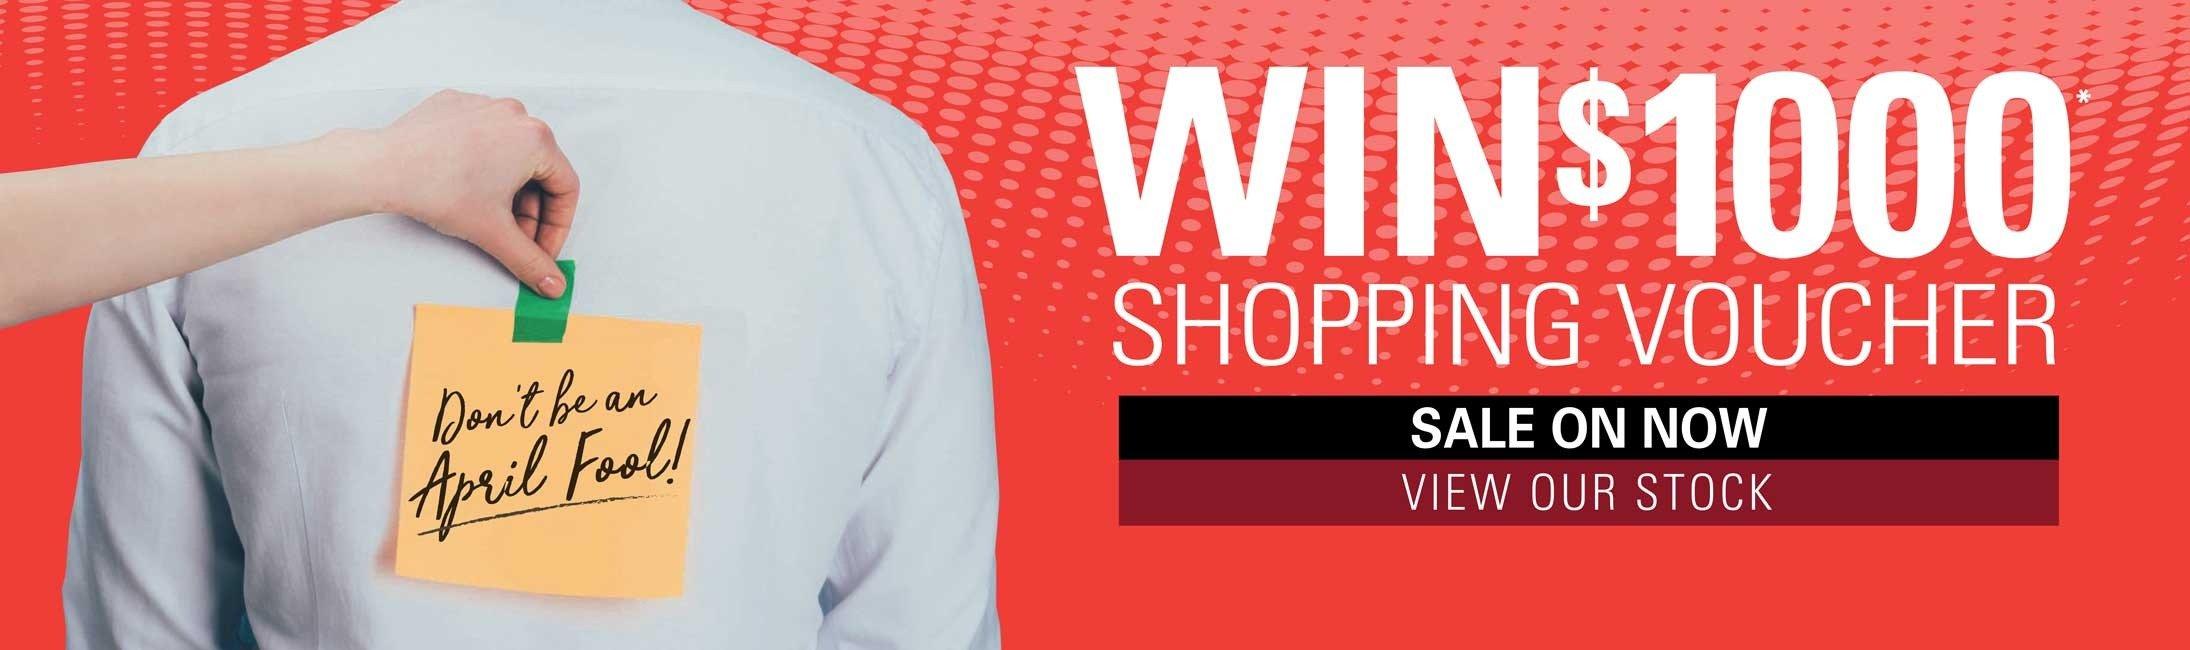 Win shopping voucher